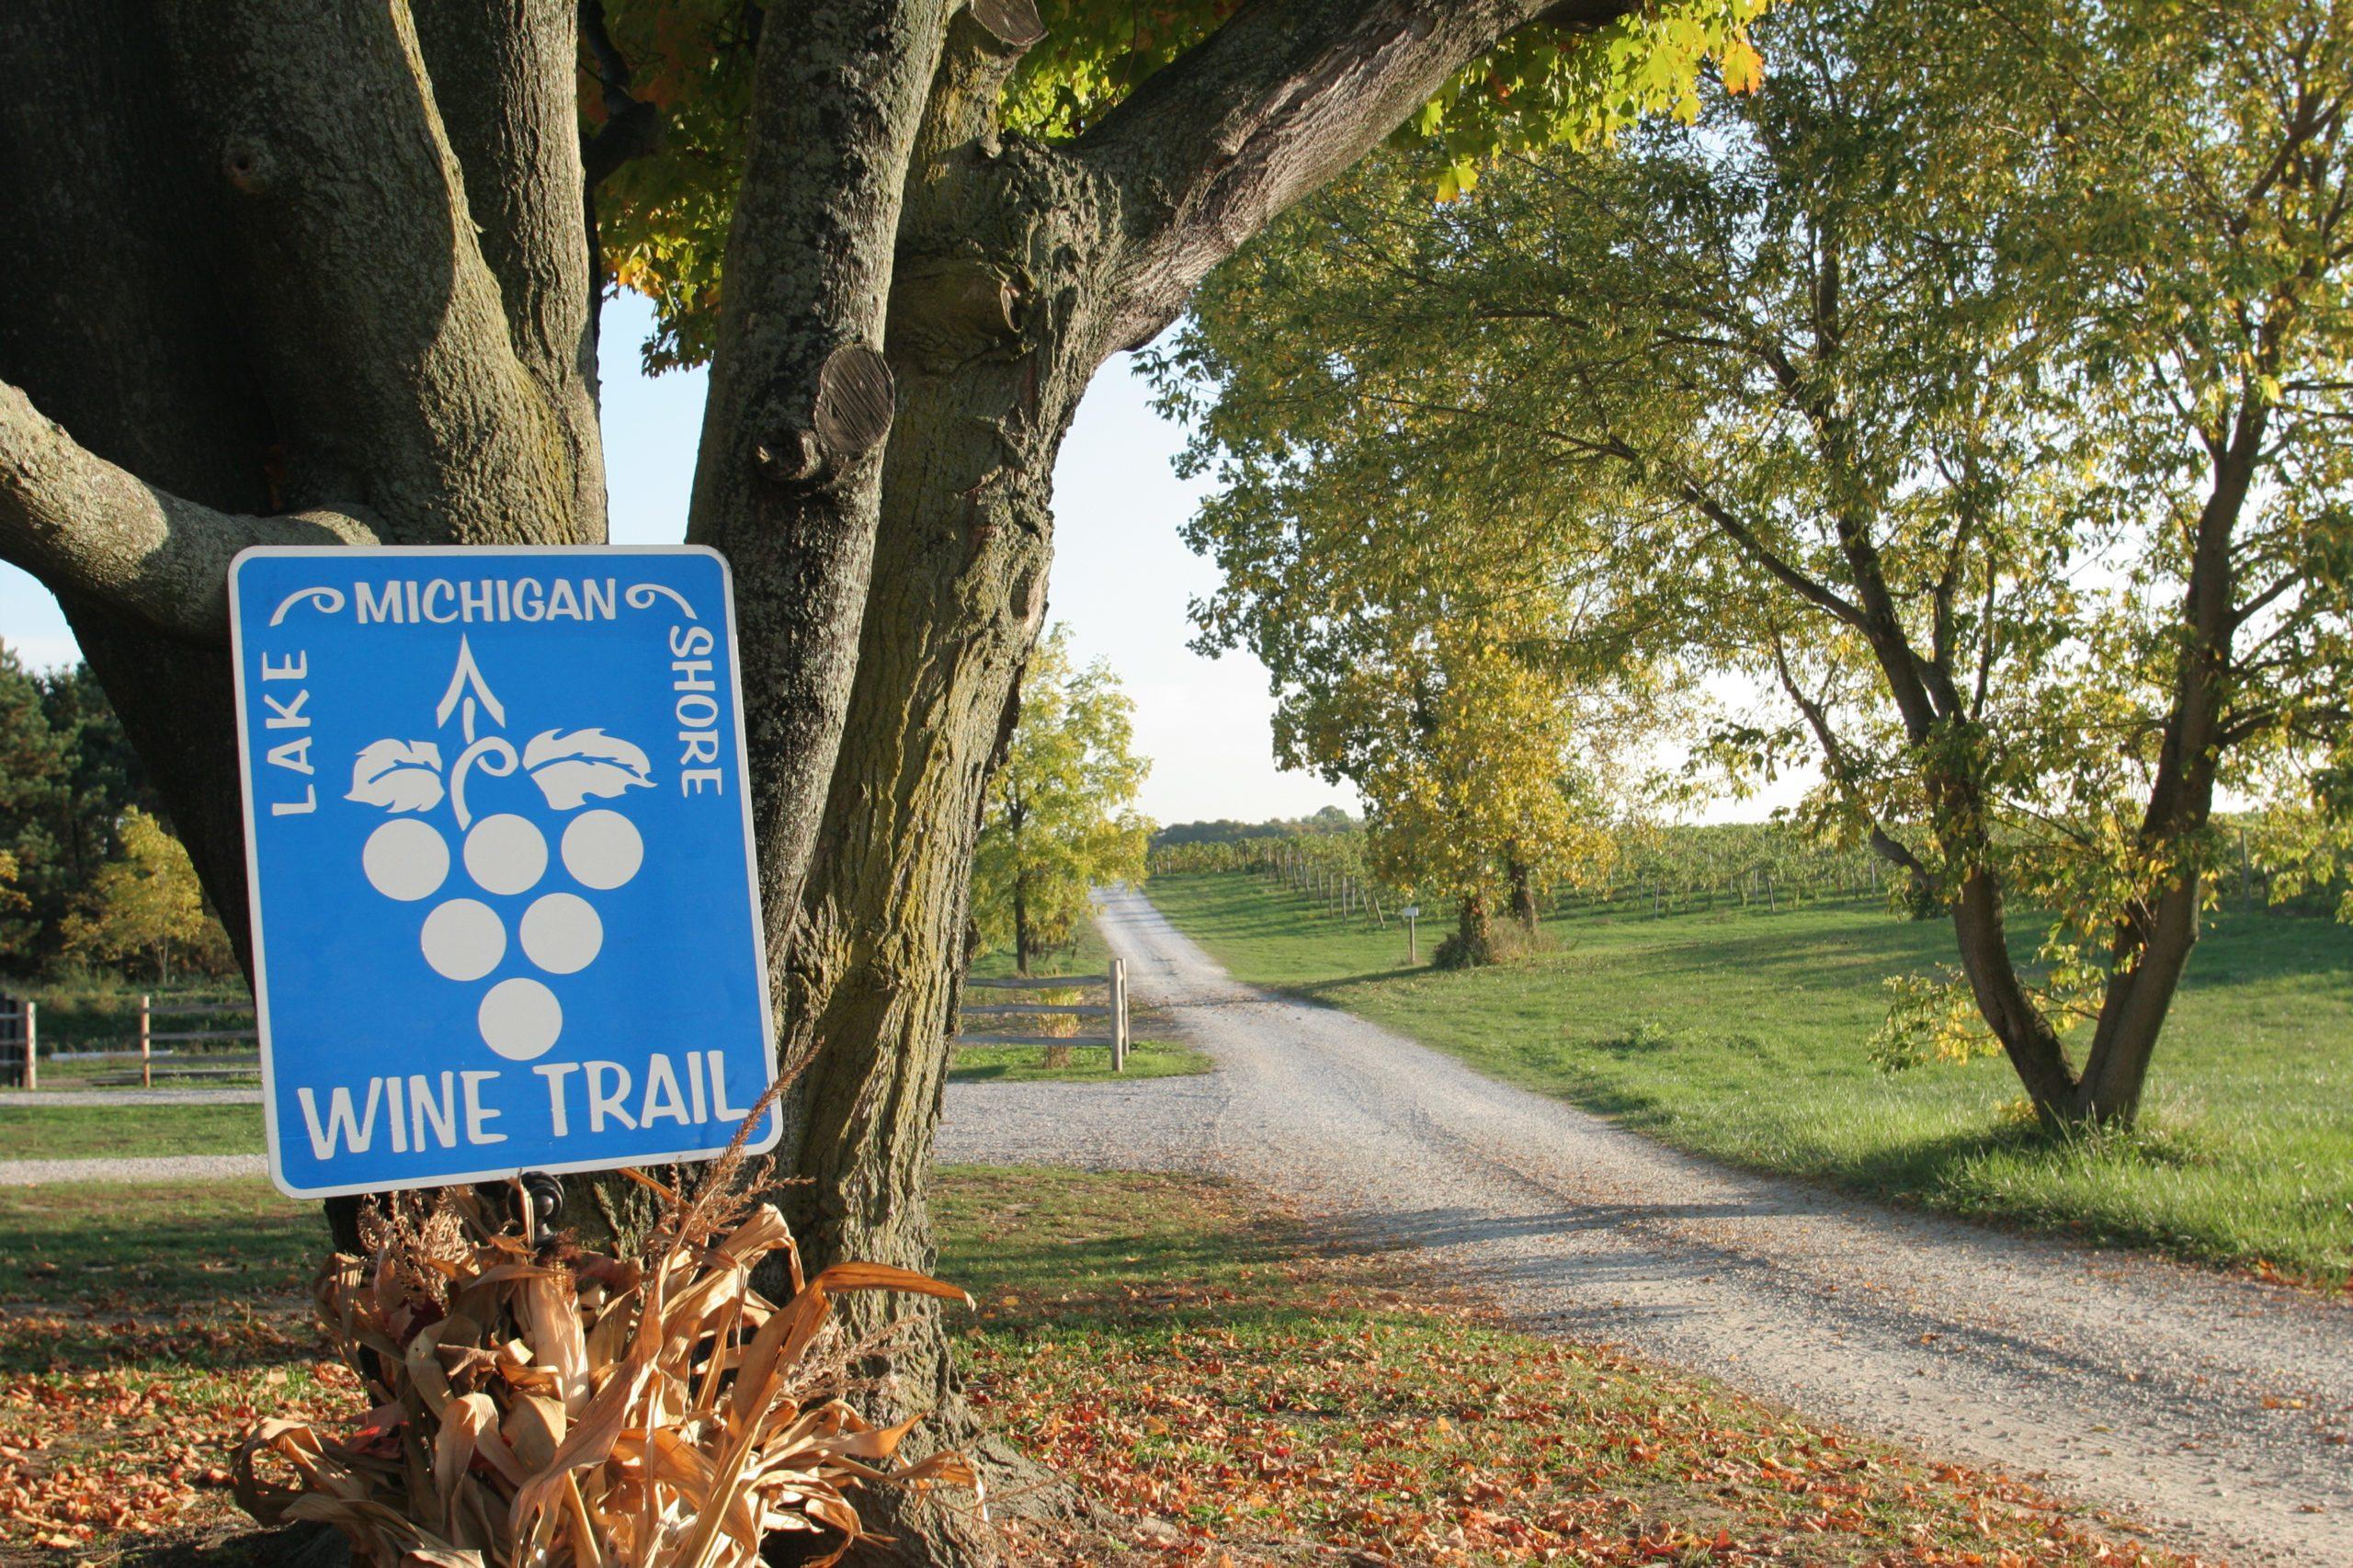 Lake Michigan Shore Wine Trail sign.